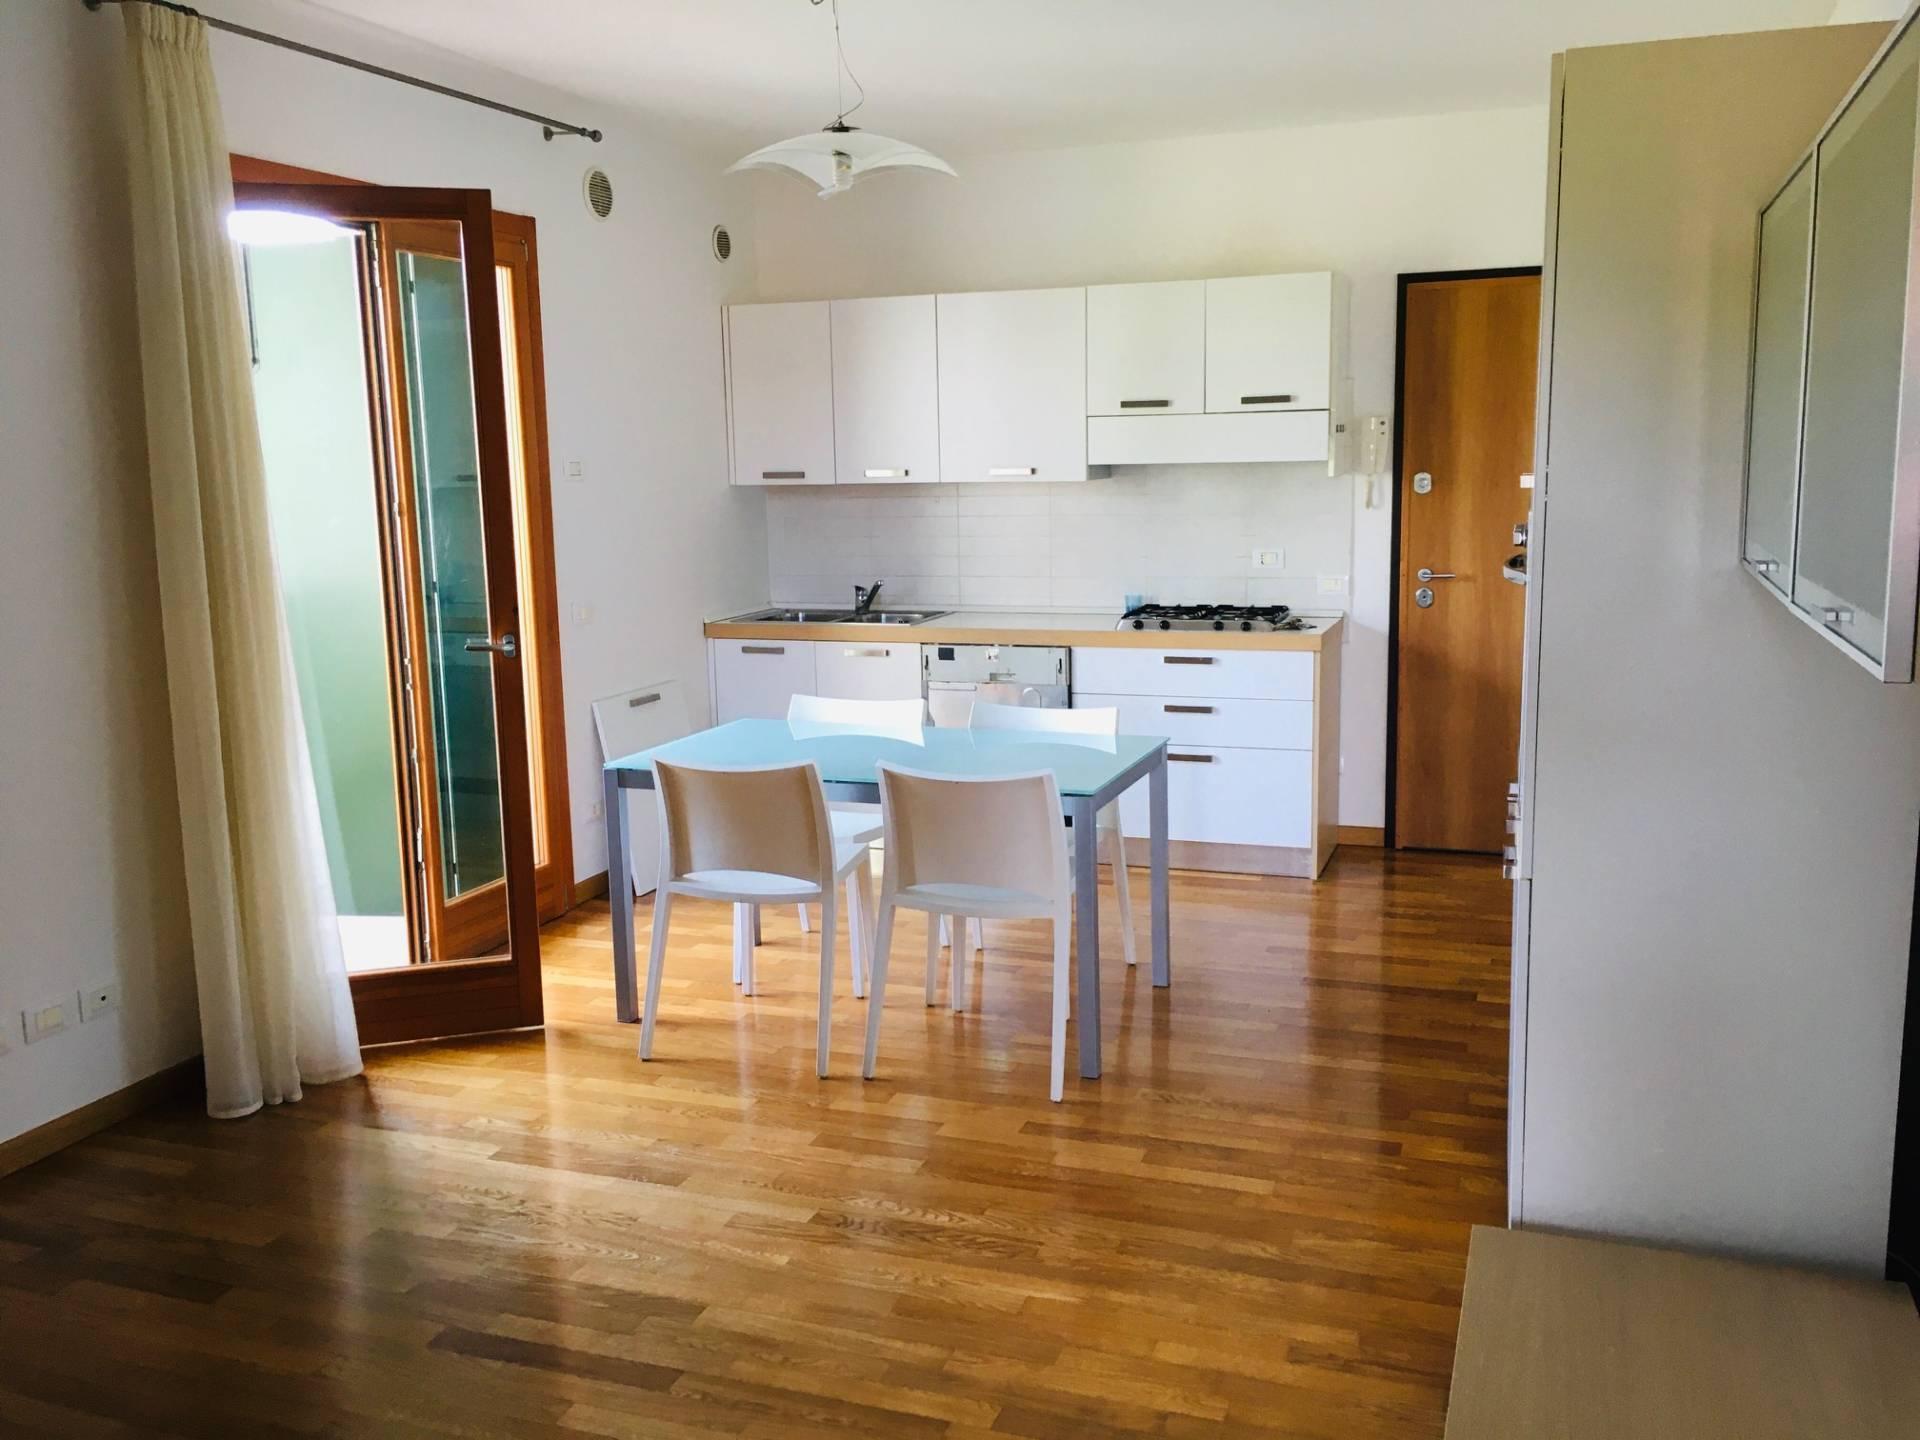 Appartamento in vendita a Quinto di Treviso, 3 locali, zona Località: Quinto, prezzo € 125.000   PortaleAgenzieImmobiliari.it